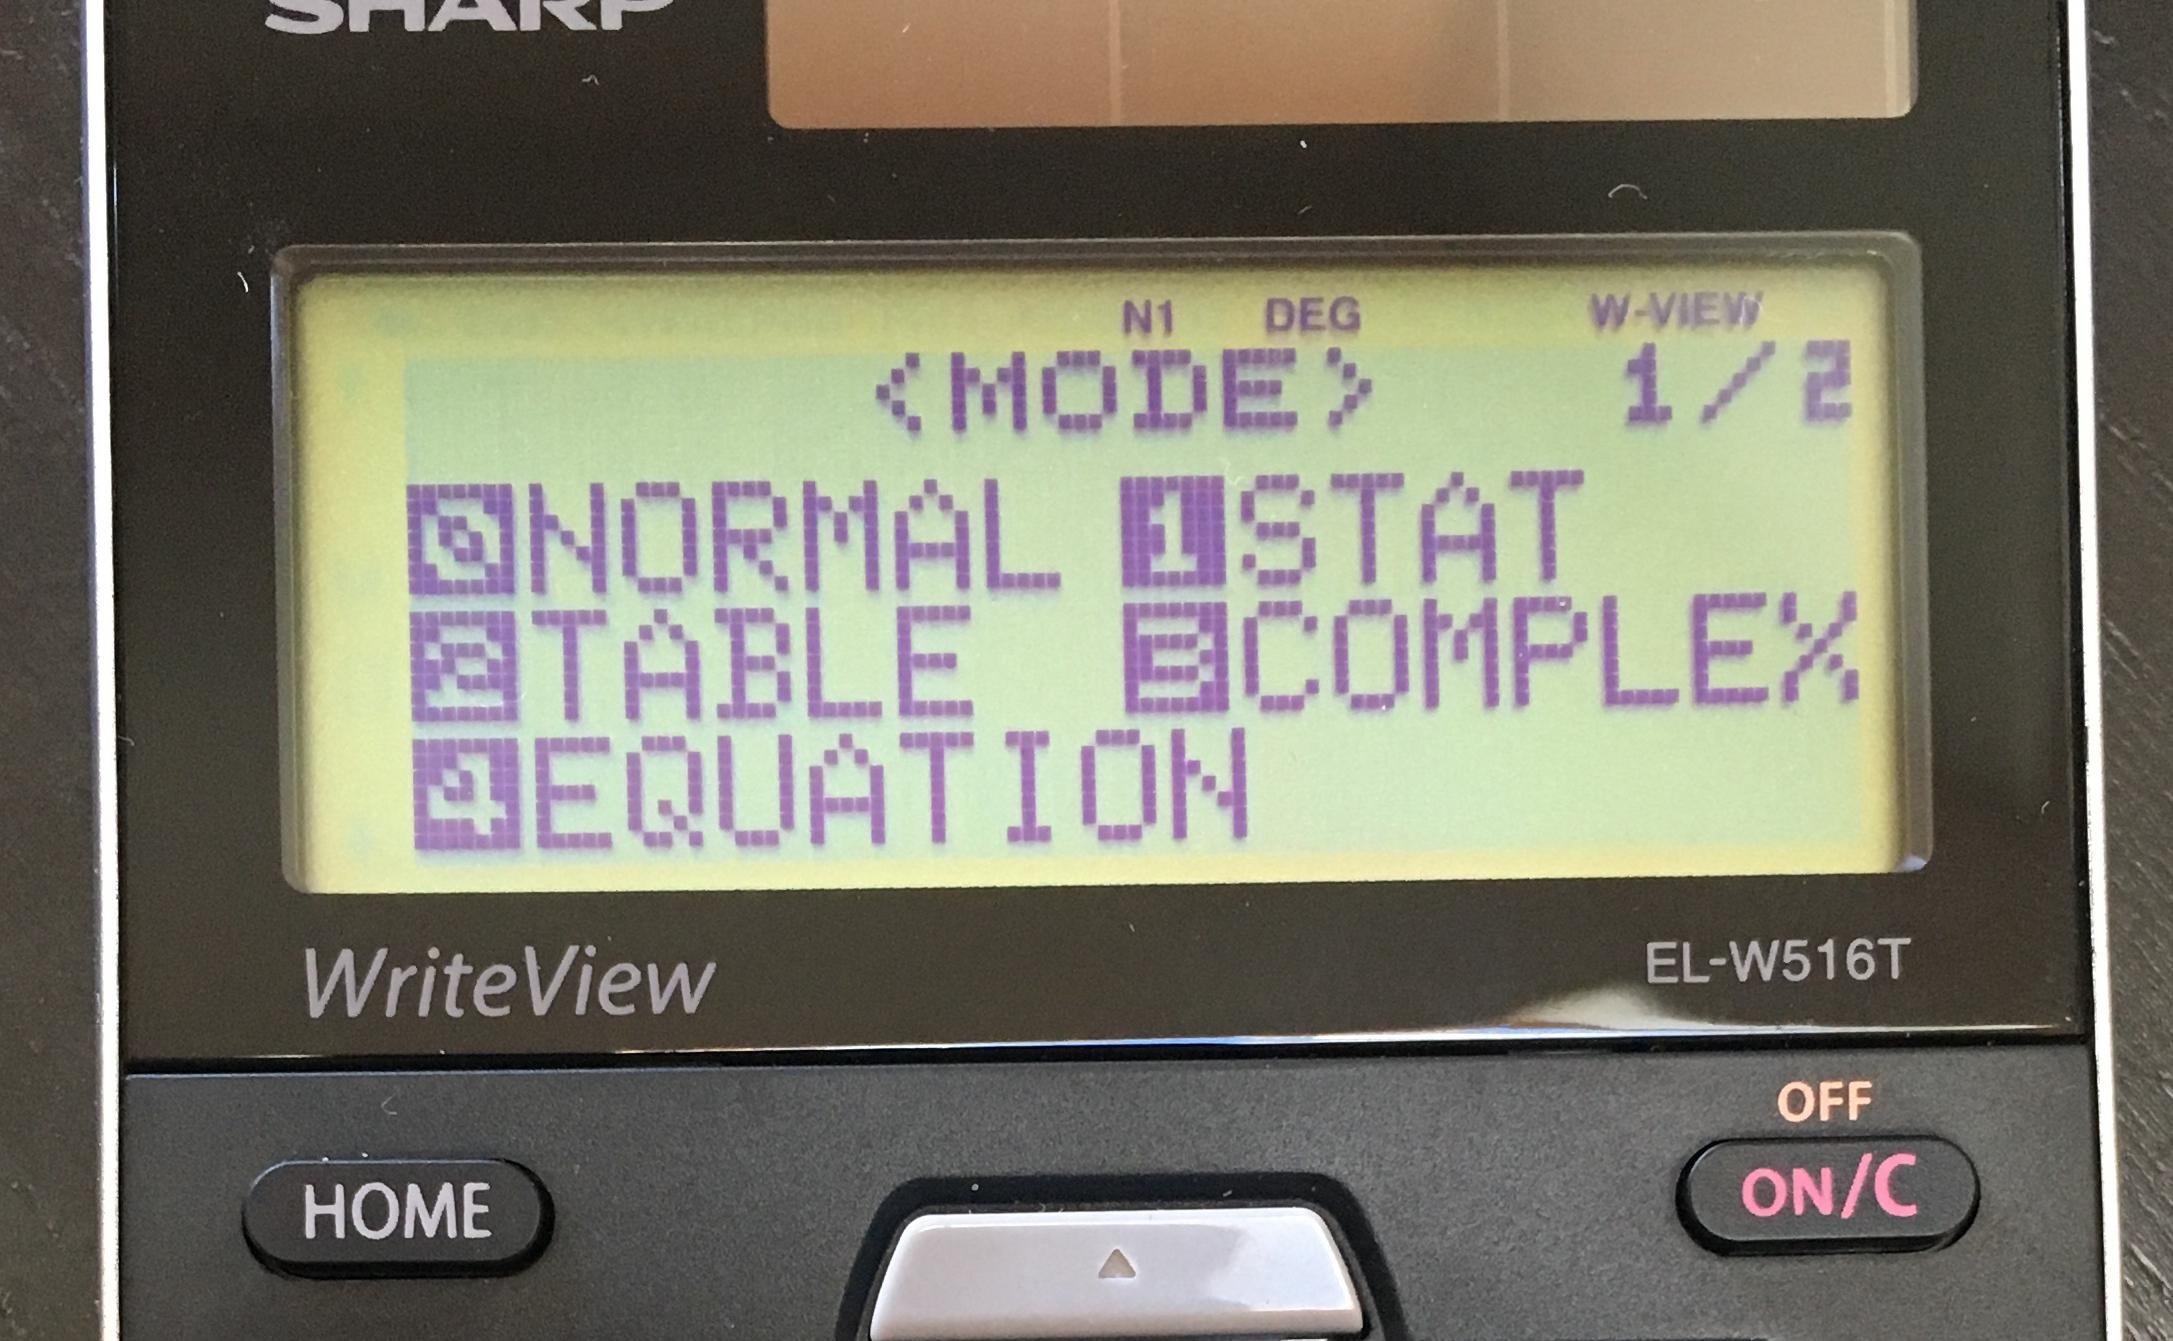 Sharp EL-W516TBSL Full Review - Math Class Calculator